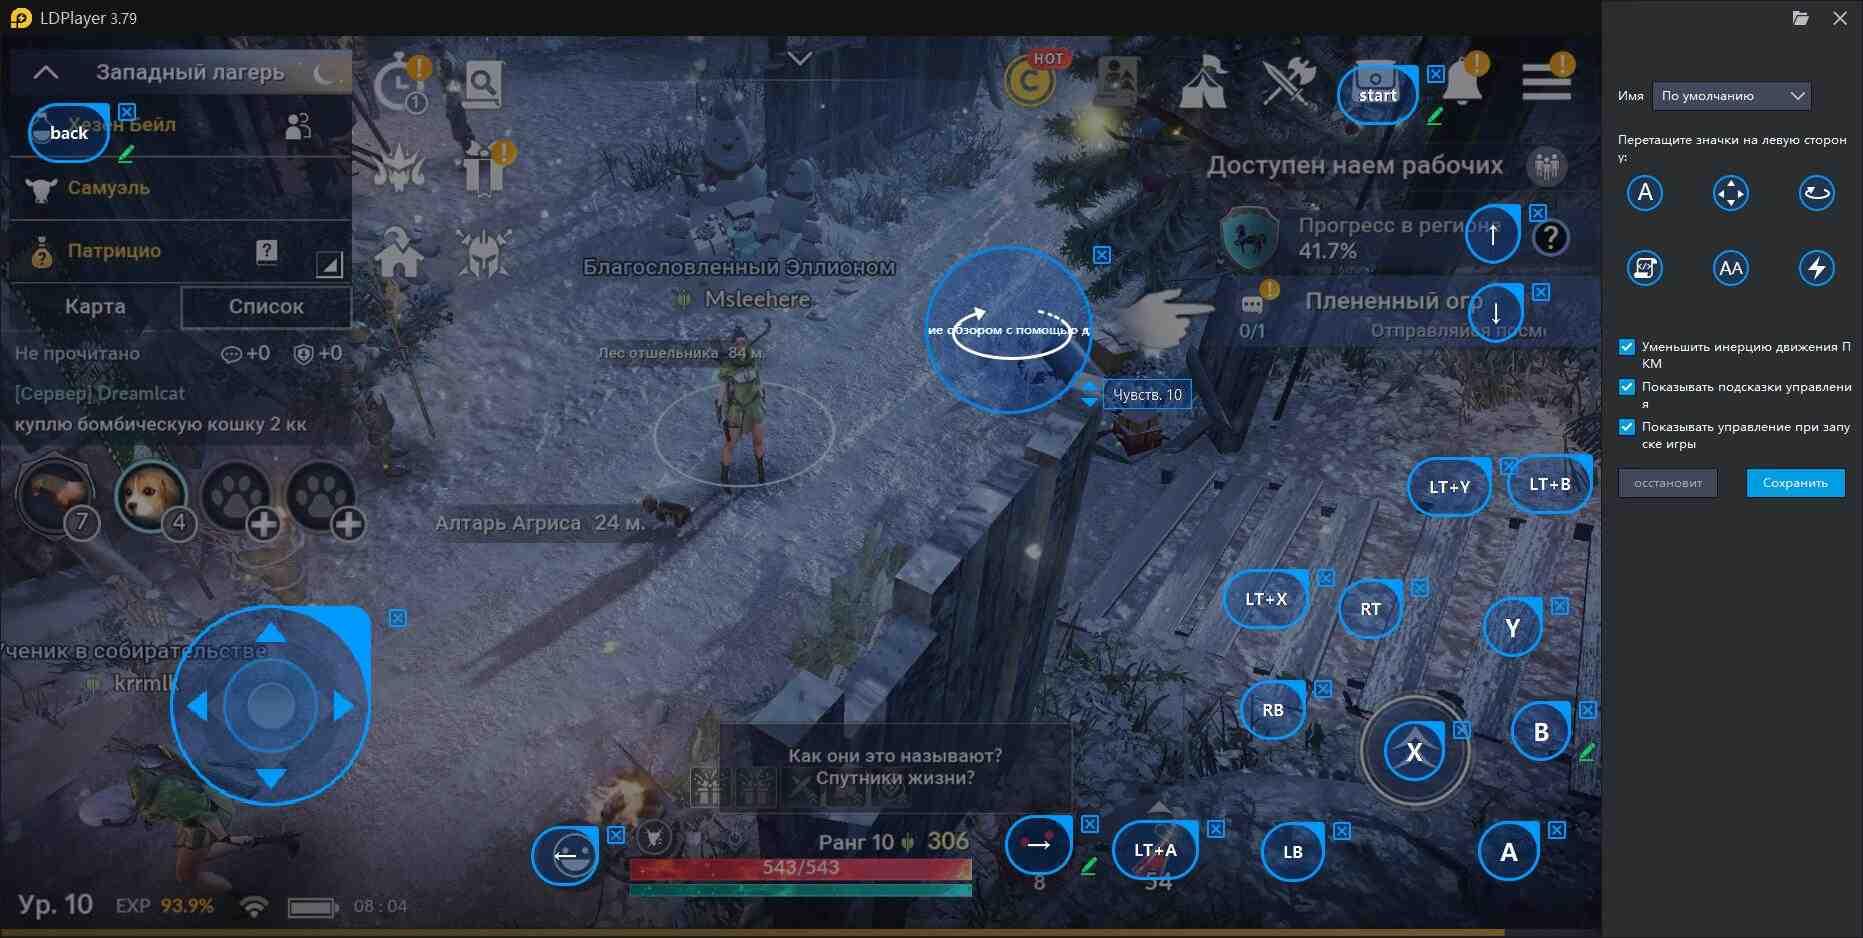 Играть в Black Desert Mobile на ПК с геймпада